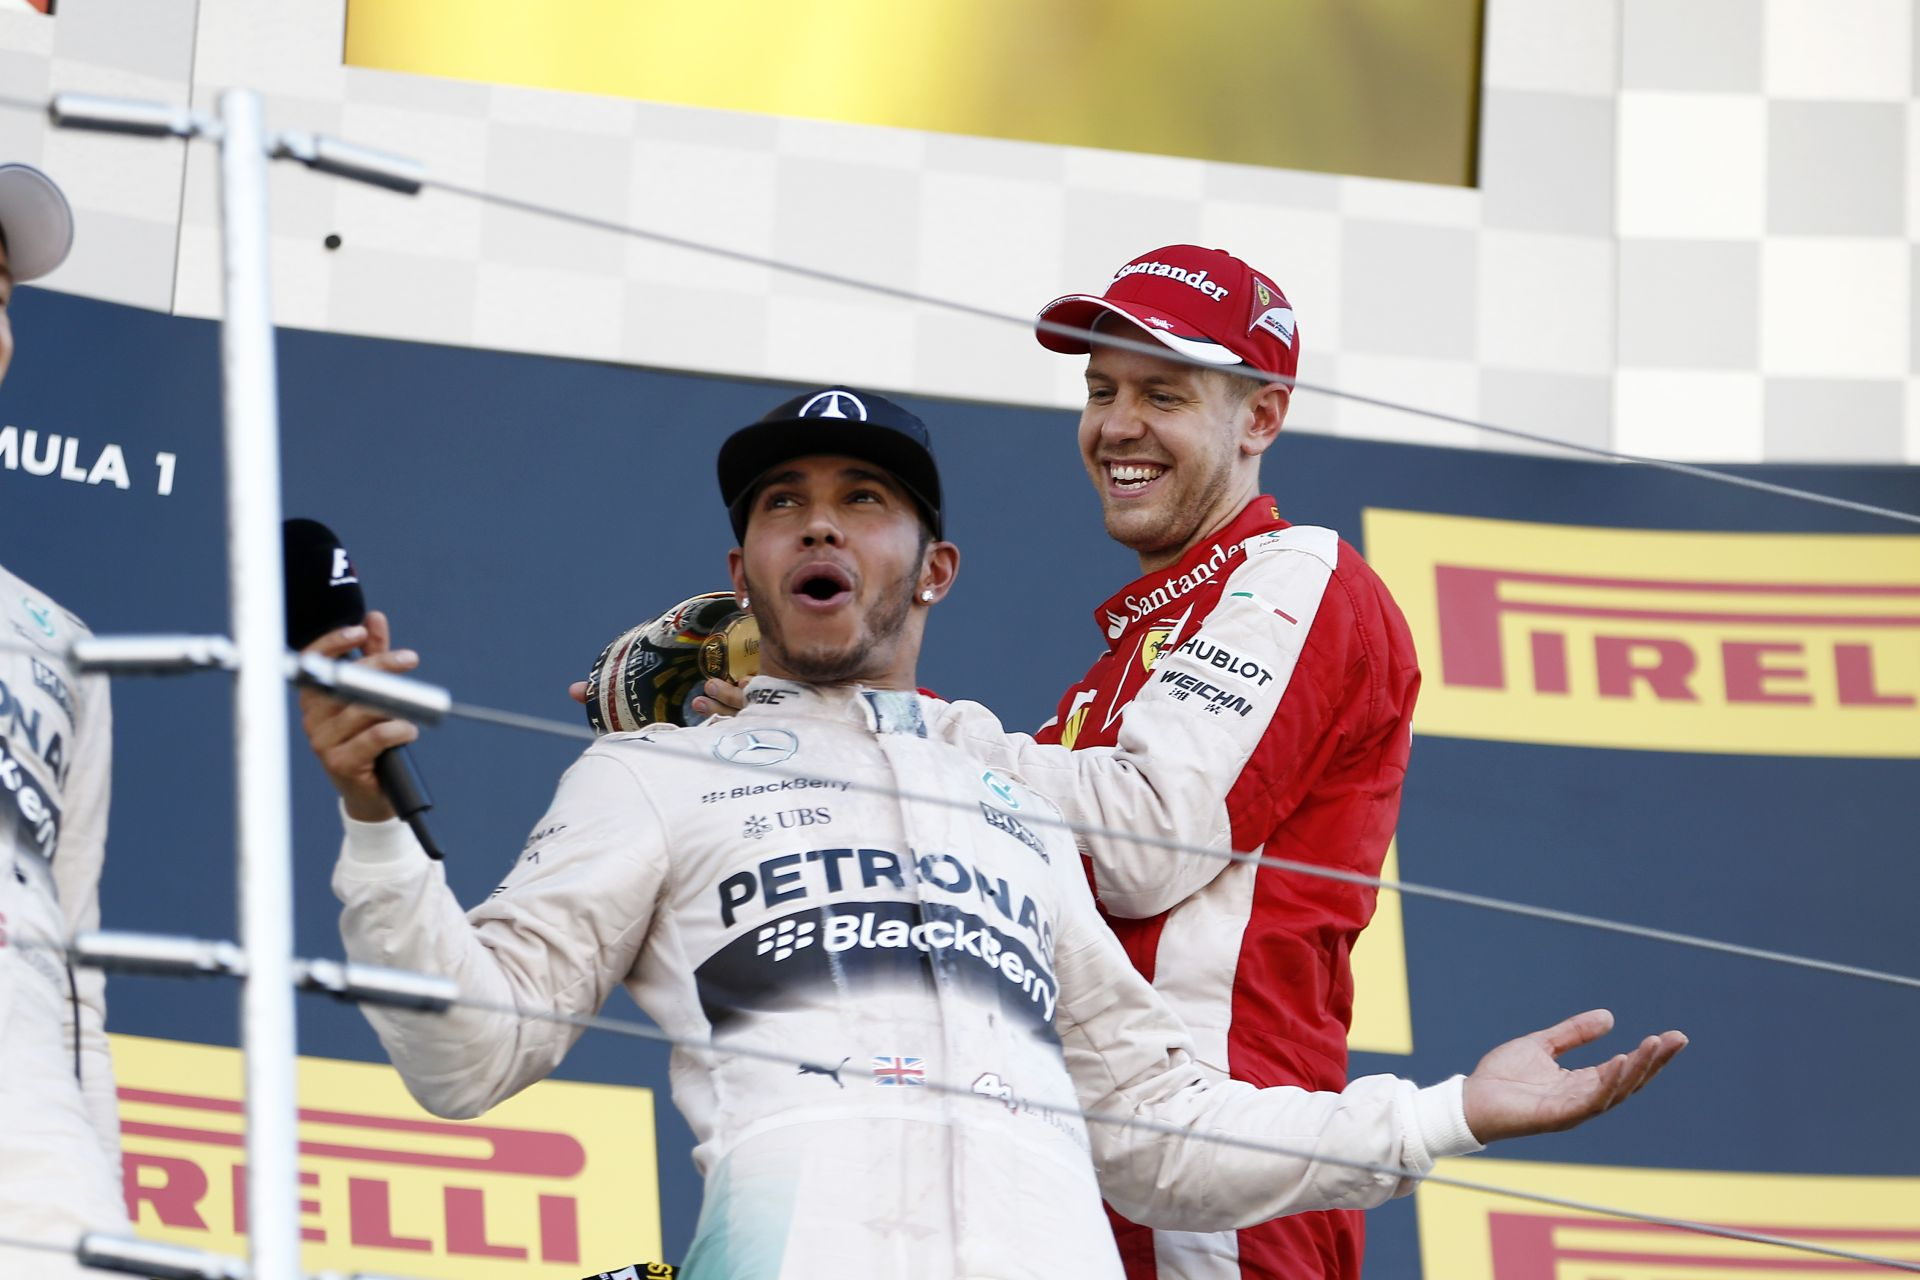 A Red Bull szerint Hamilton és Vettel soha nem fog ugyanabban a csapatban versenyezni